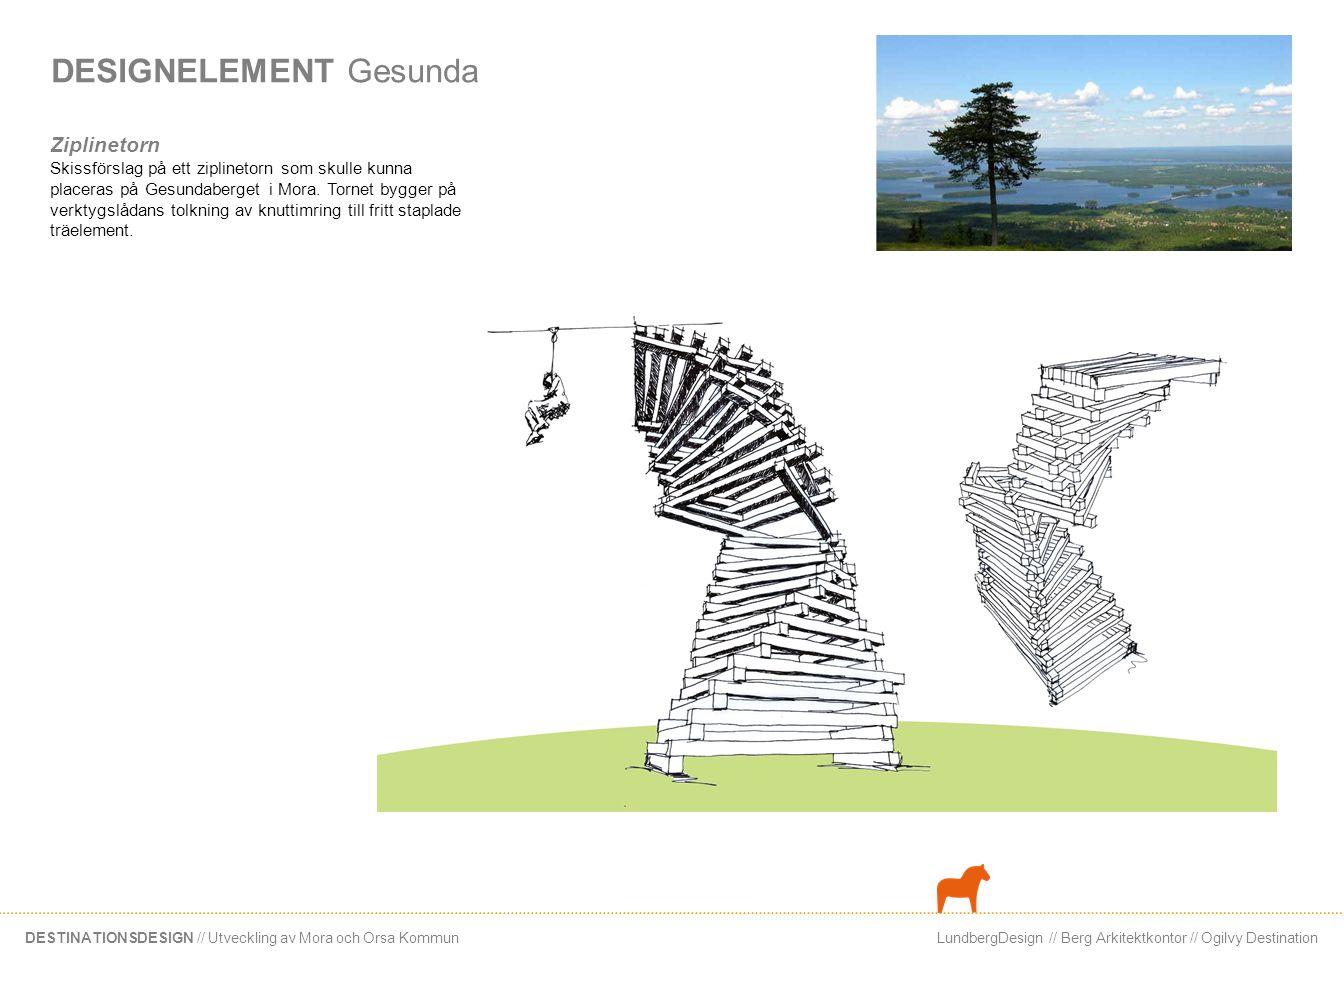 LundbergDesign // Berg Arkitektkontor // Ogilvy DestinationDESTINATIONSDESIGN // Utveckling av Mora och Orsa Kommun DESIGNELEMENT Gesunda Ziplinetorn